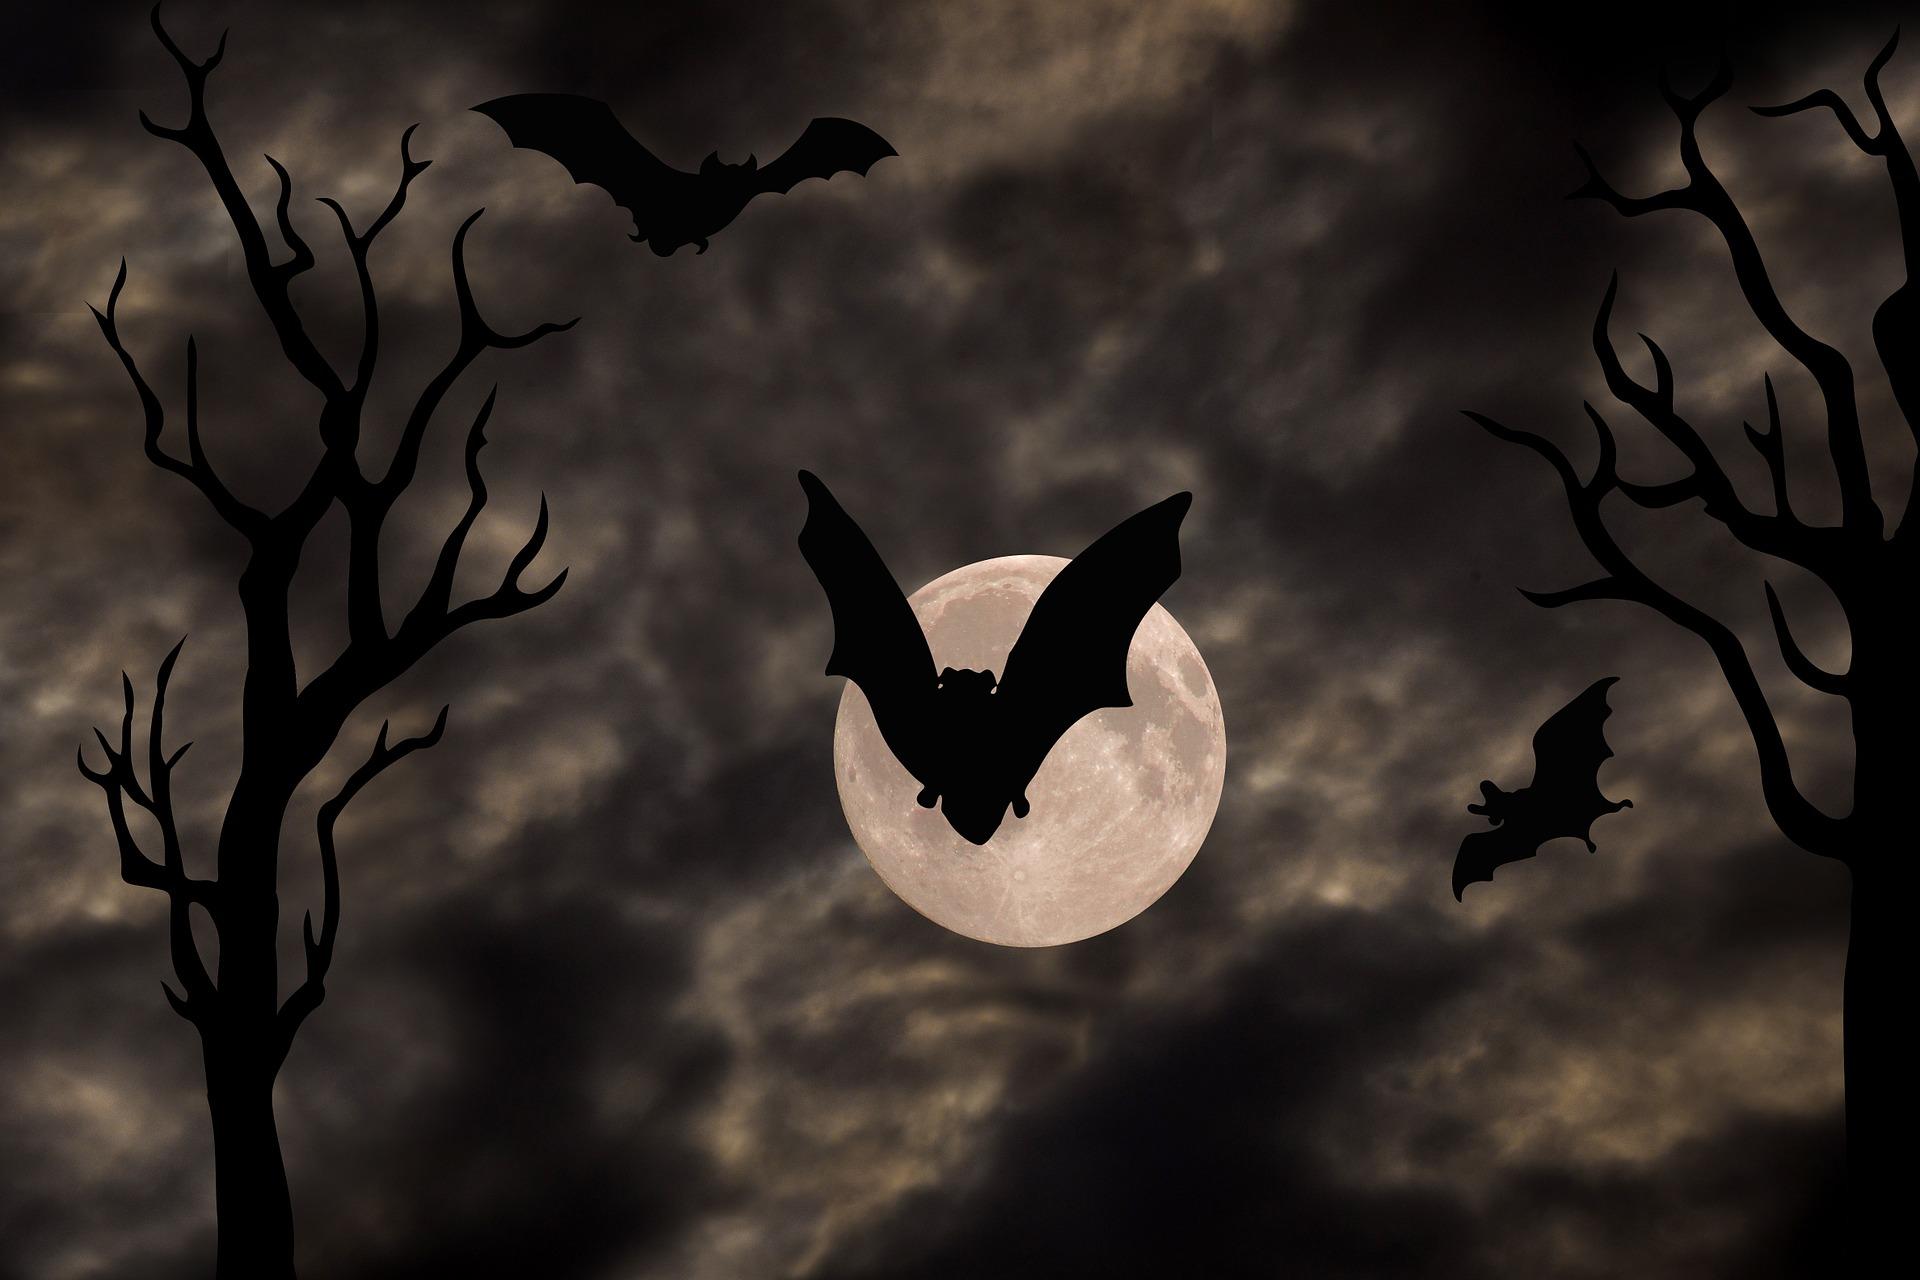 Soirée Twilight, thriller ou Nuit de l'horreur